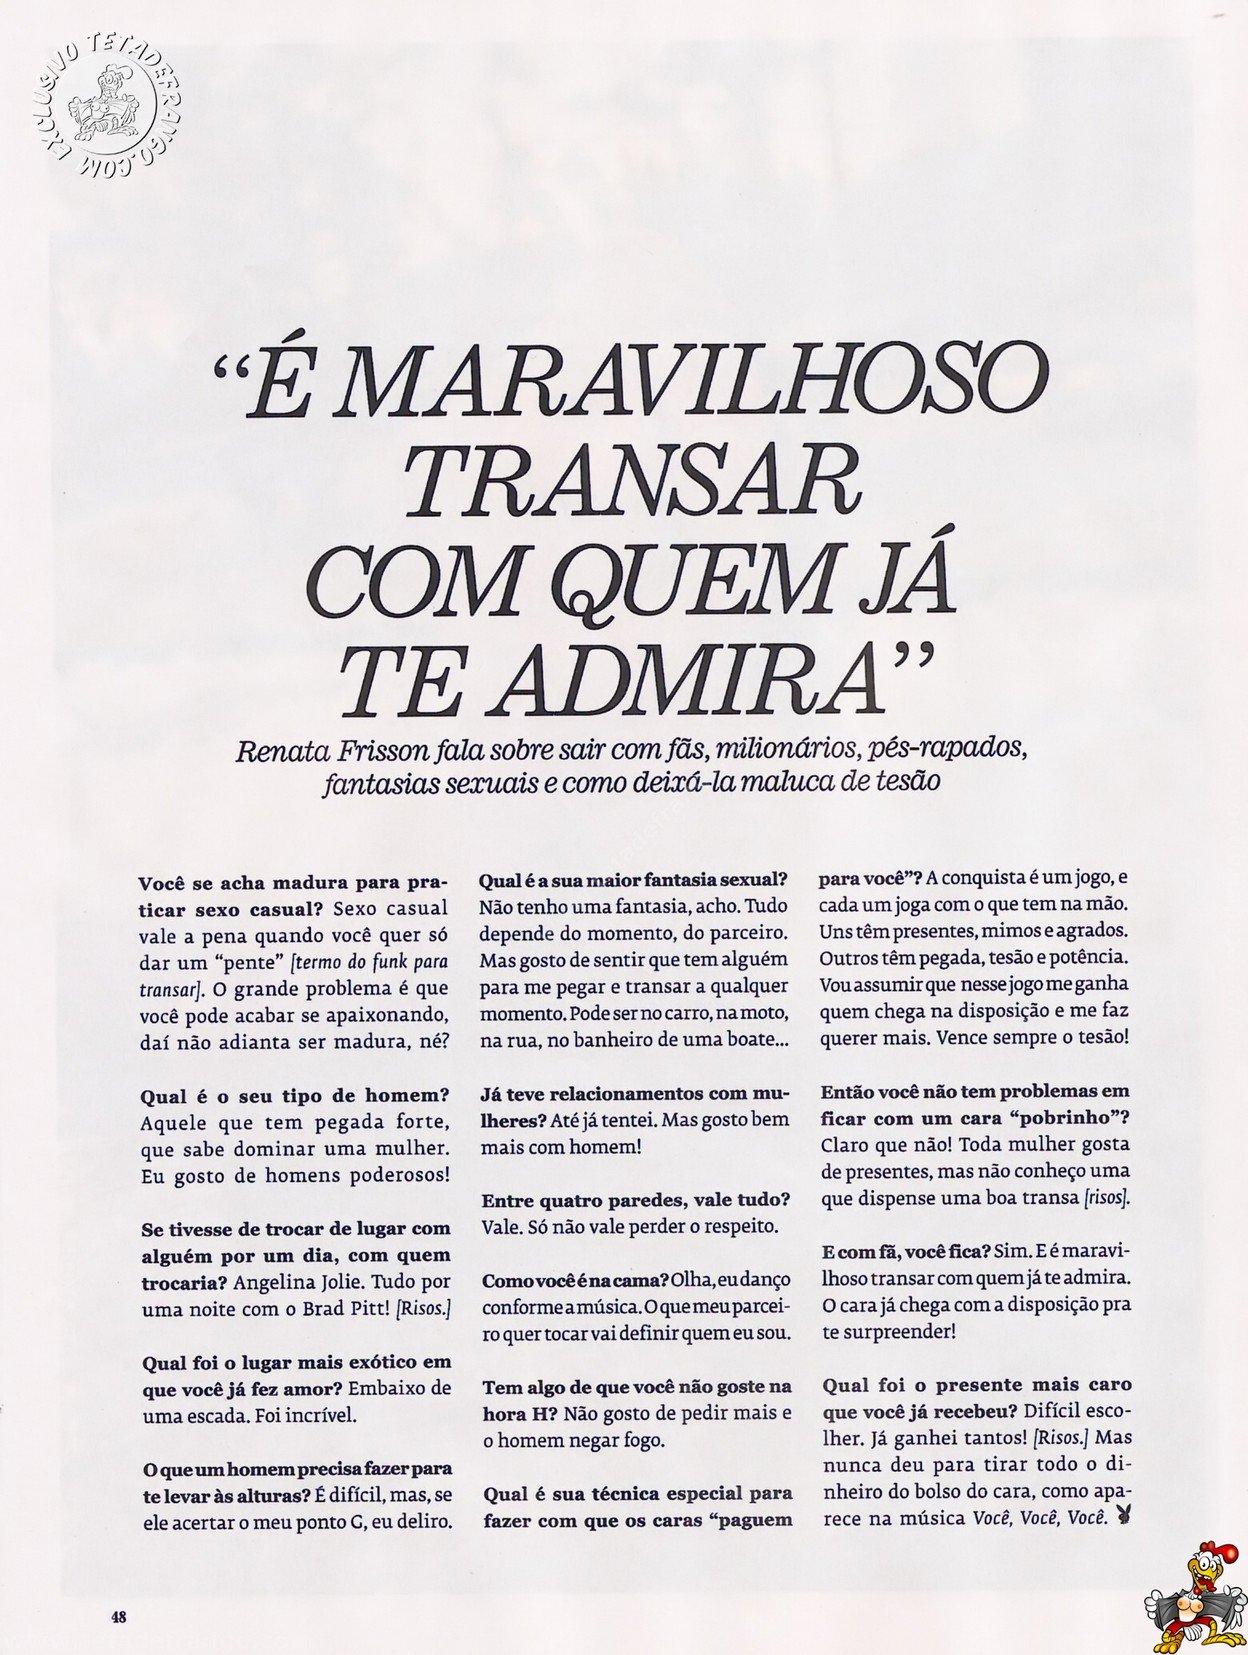 Fotos Playboy Mulher Melão Renata Frisson (47)